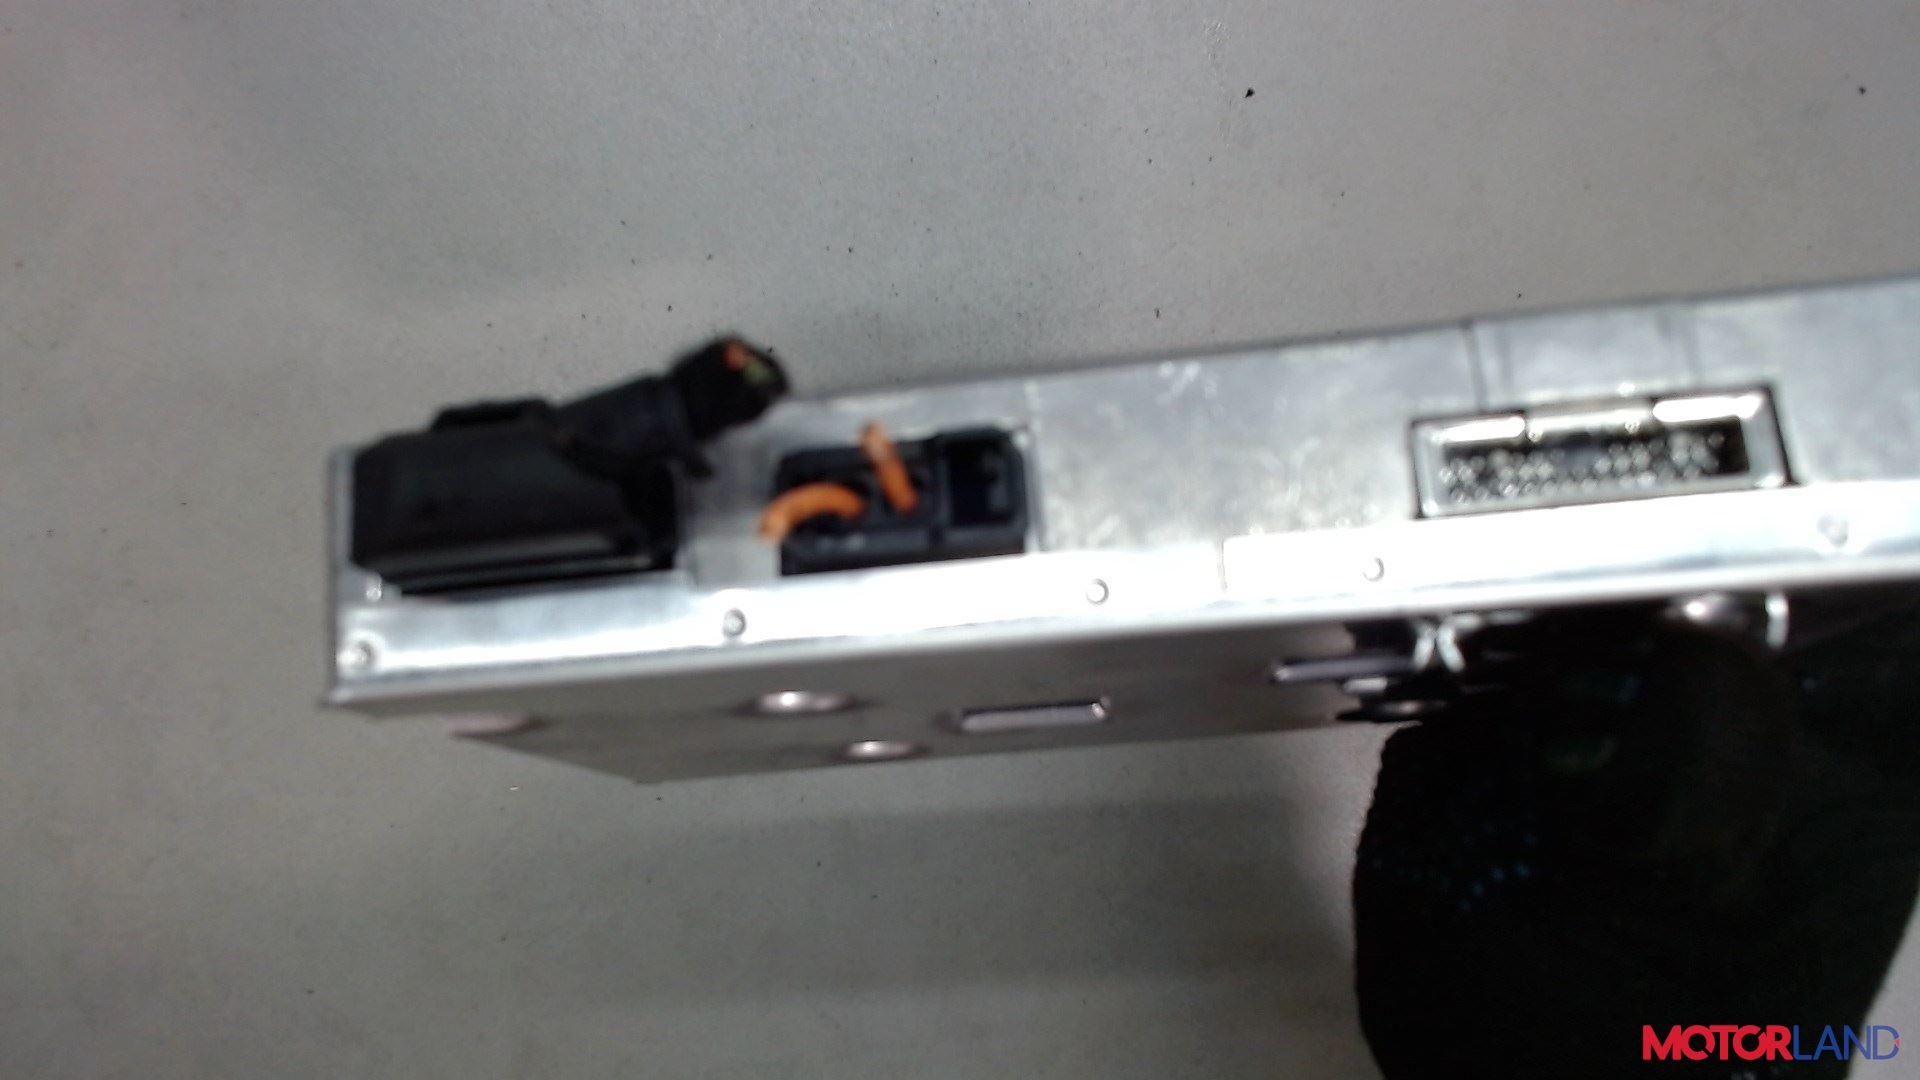 Блок управления (ЭБУ) Audi A6 (C6) 2005-2011 3 л. 2006 BMK б/у #3